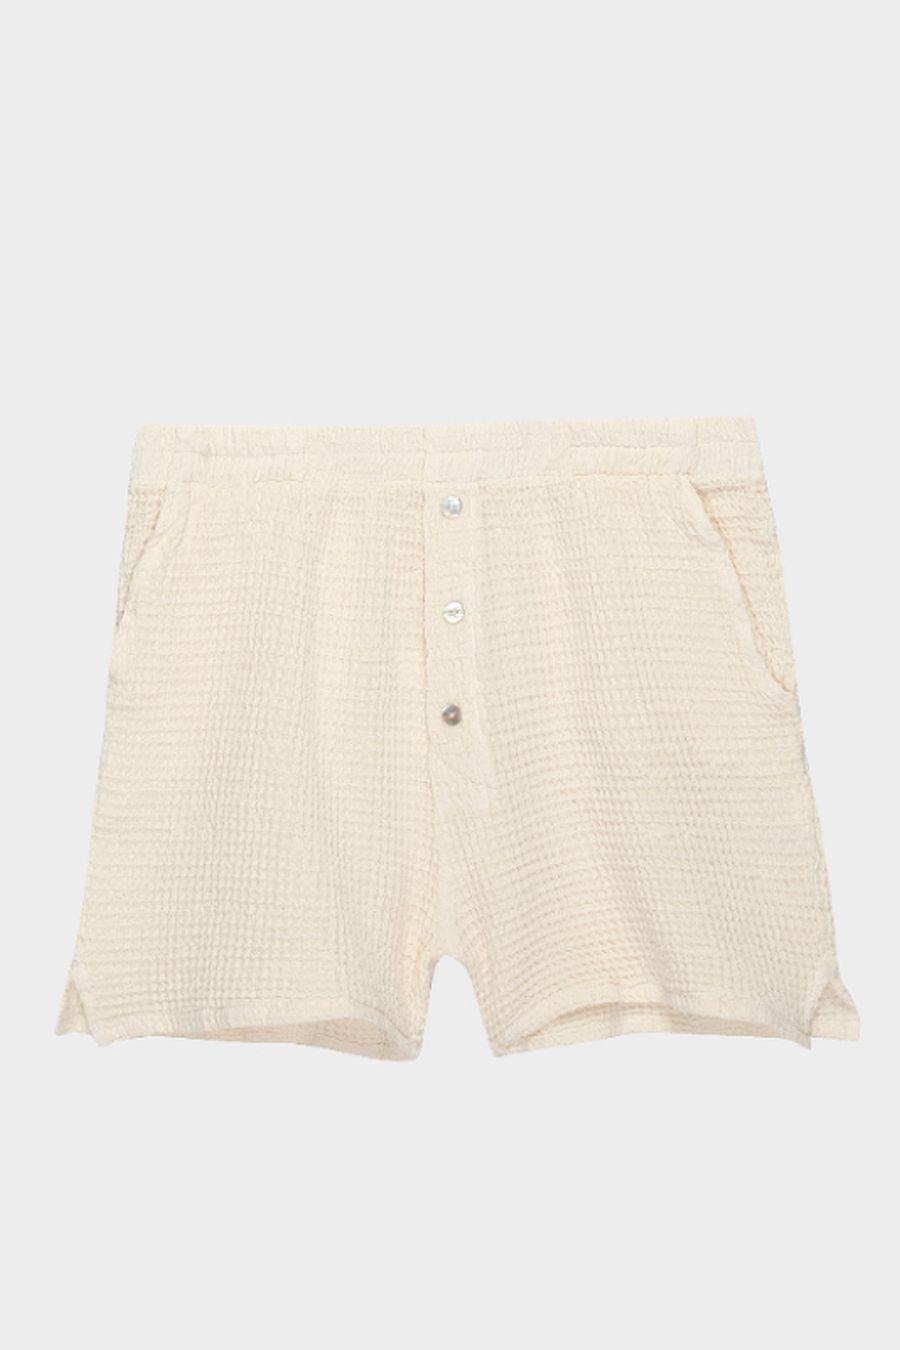 DONNI. Waffle Shorts - Creme